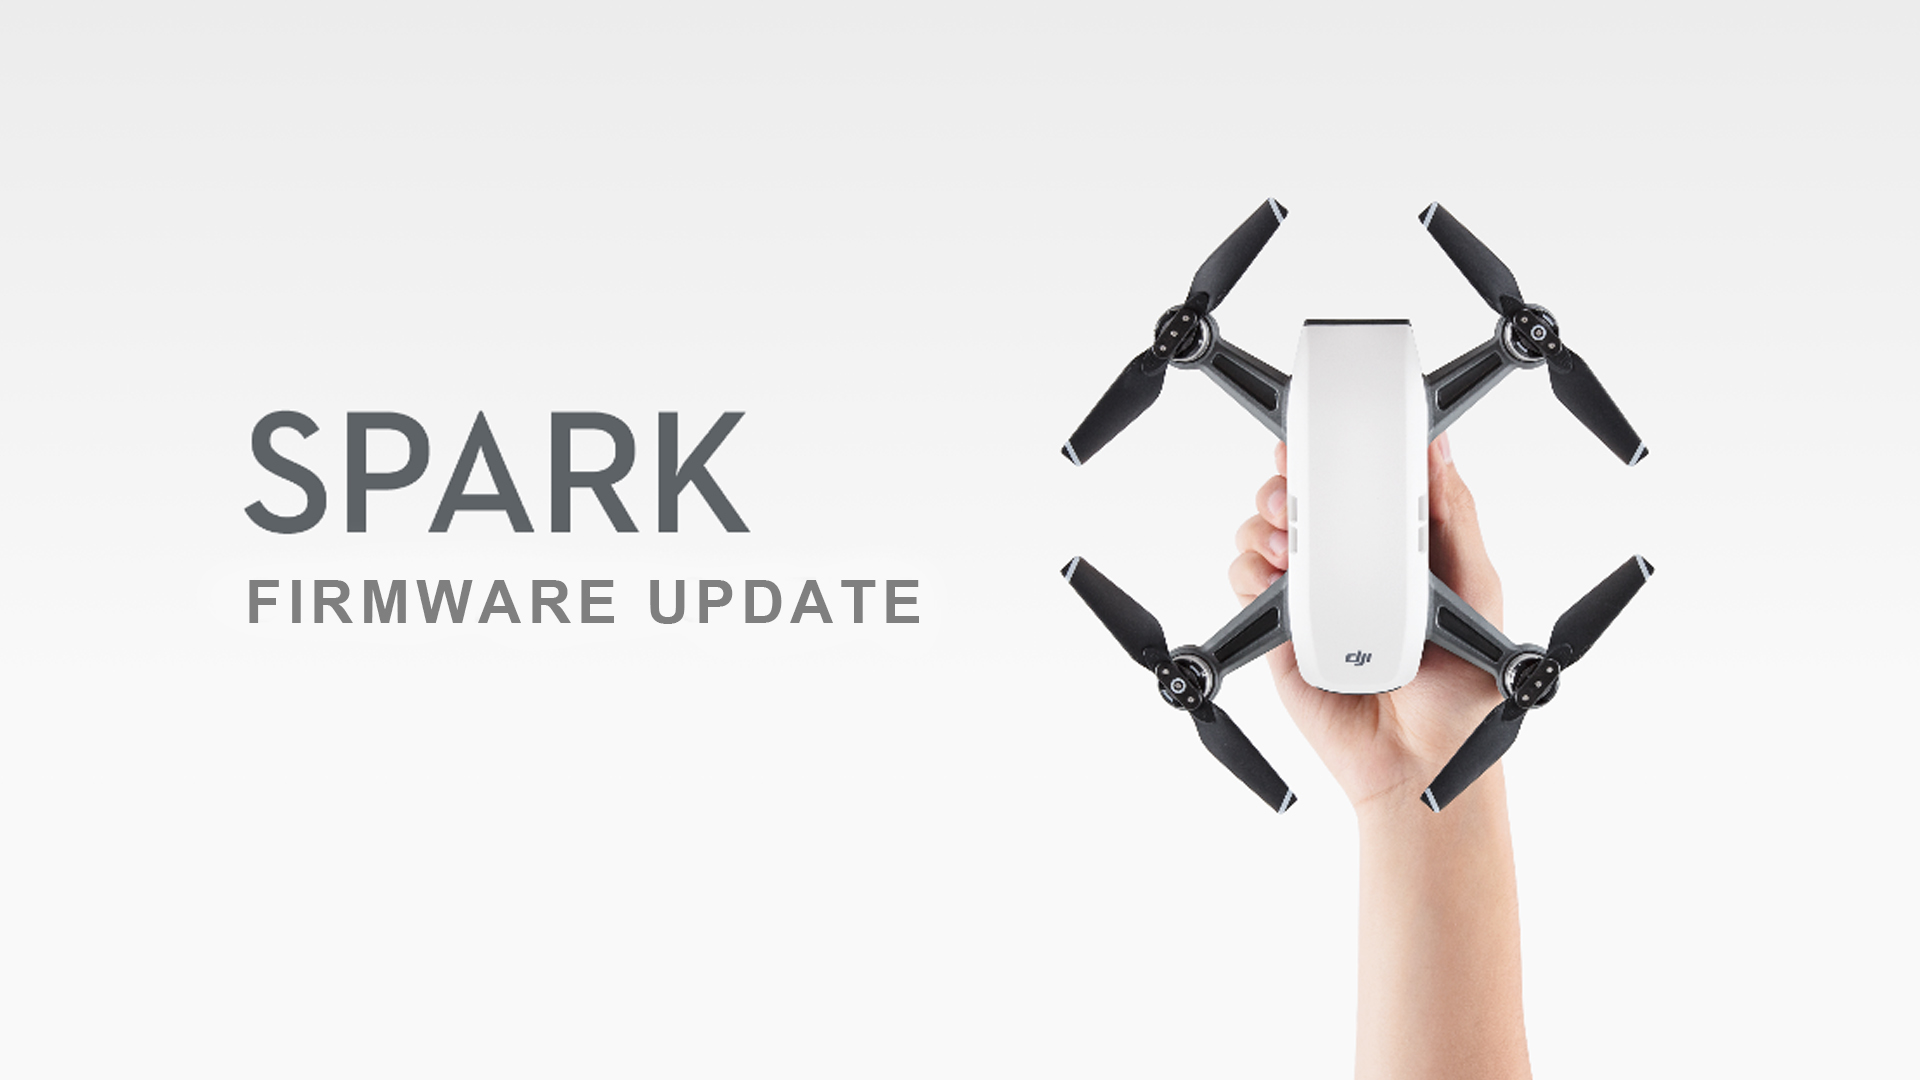 DJI Sparkファームウエアアップデート - ジェスチャーコントロールと写真画質が向上